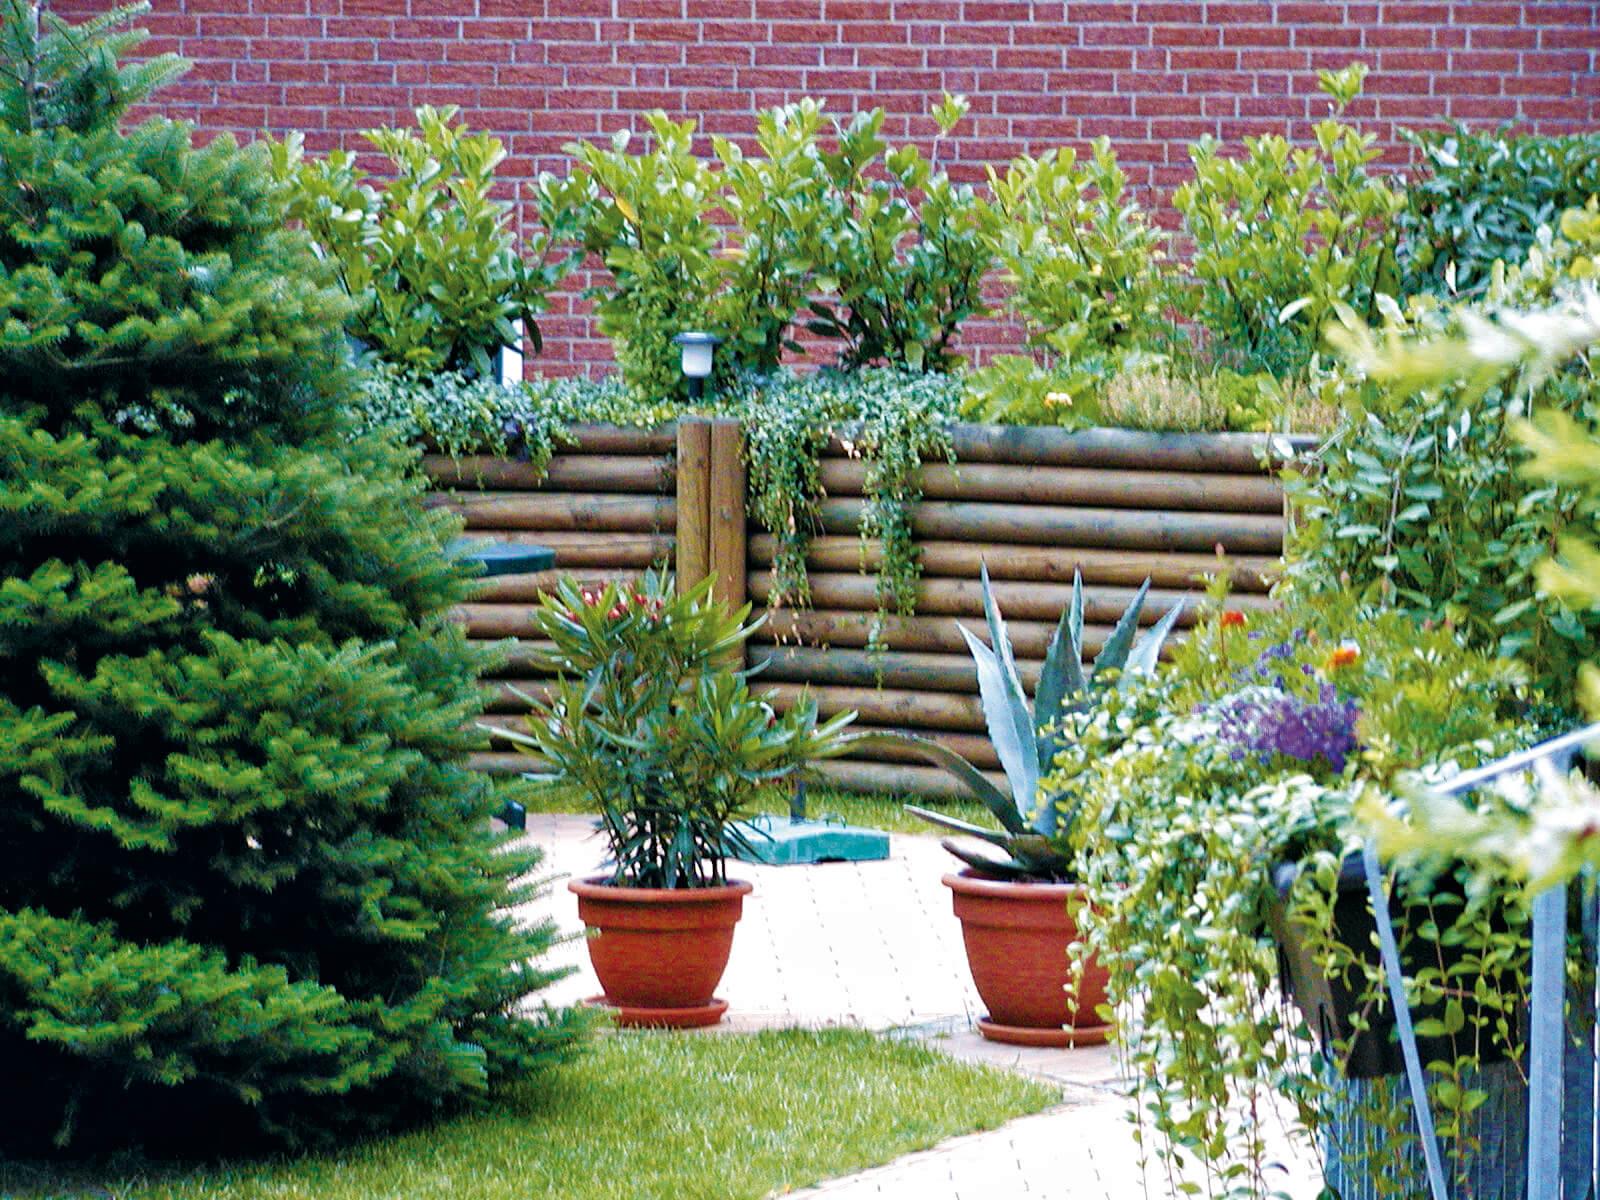 Wunderschöner Zaun aus Palisaden Die wohl älteste Form ein Garten